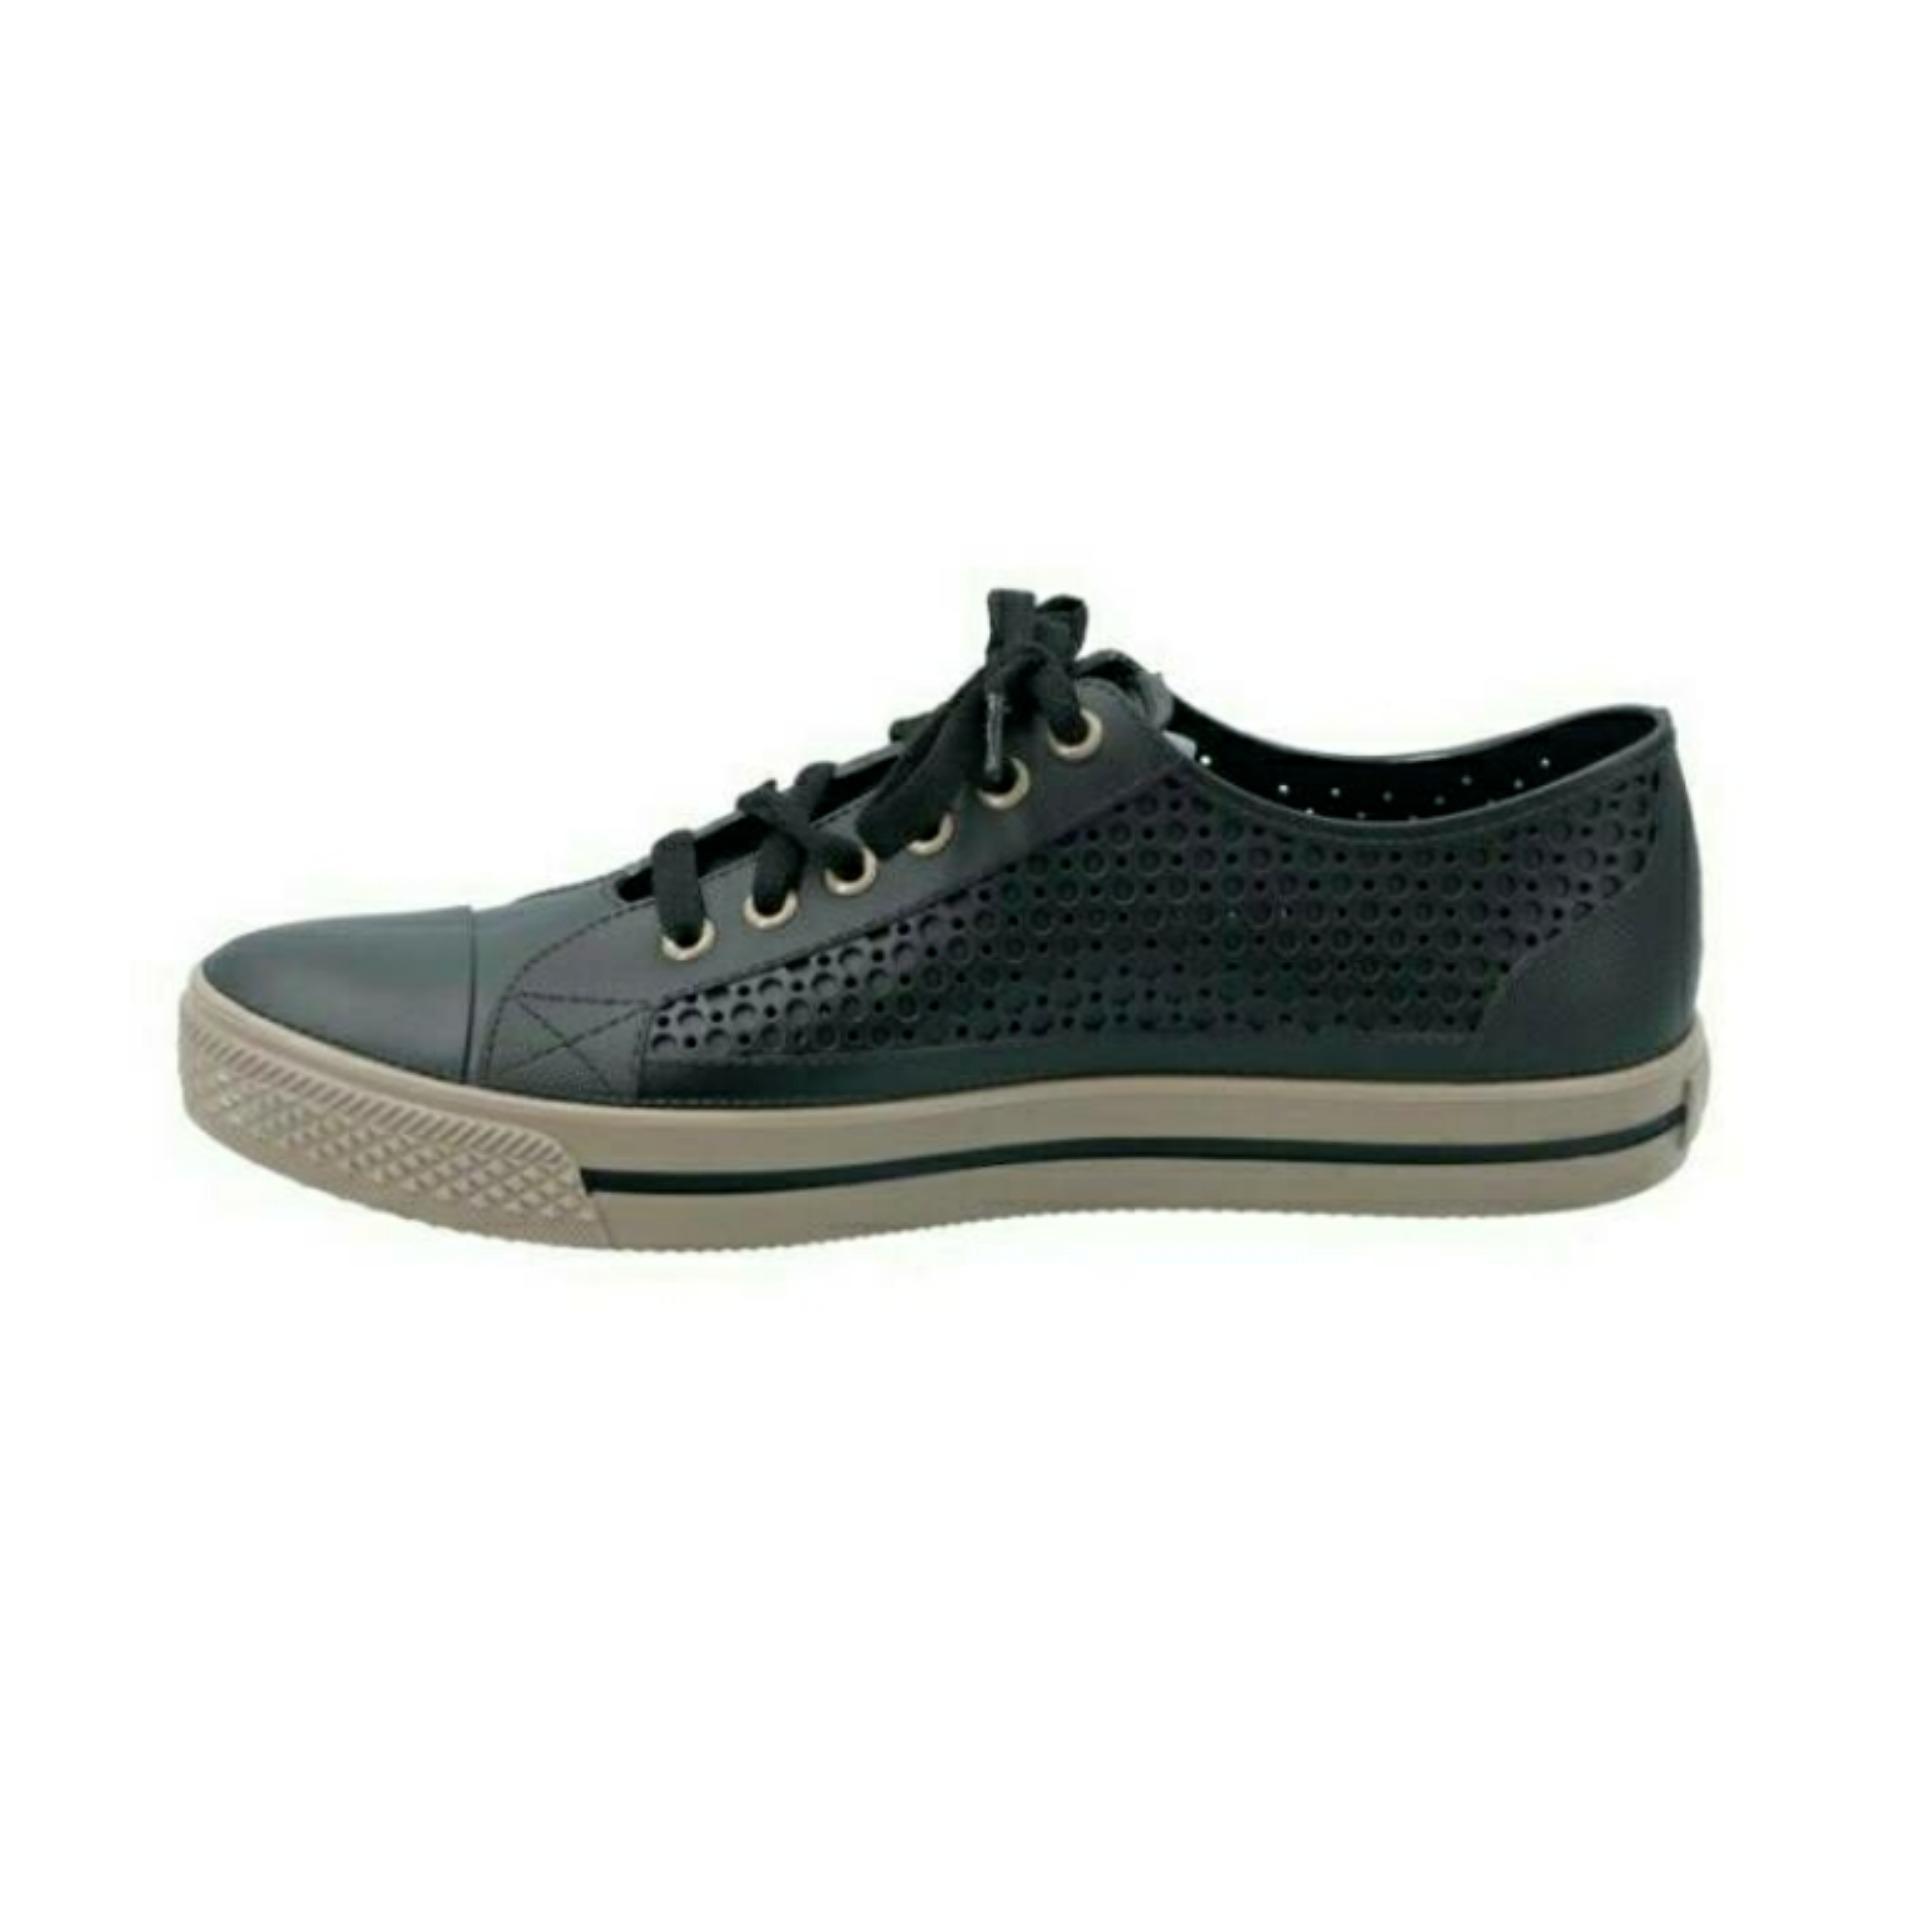 Ap Star HITAM COKLAT Sepatu Sekolah Unisex Sepatu Karet Sneakers Murah  BLACK CAMEL ApBoots